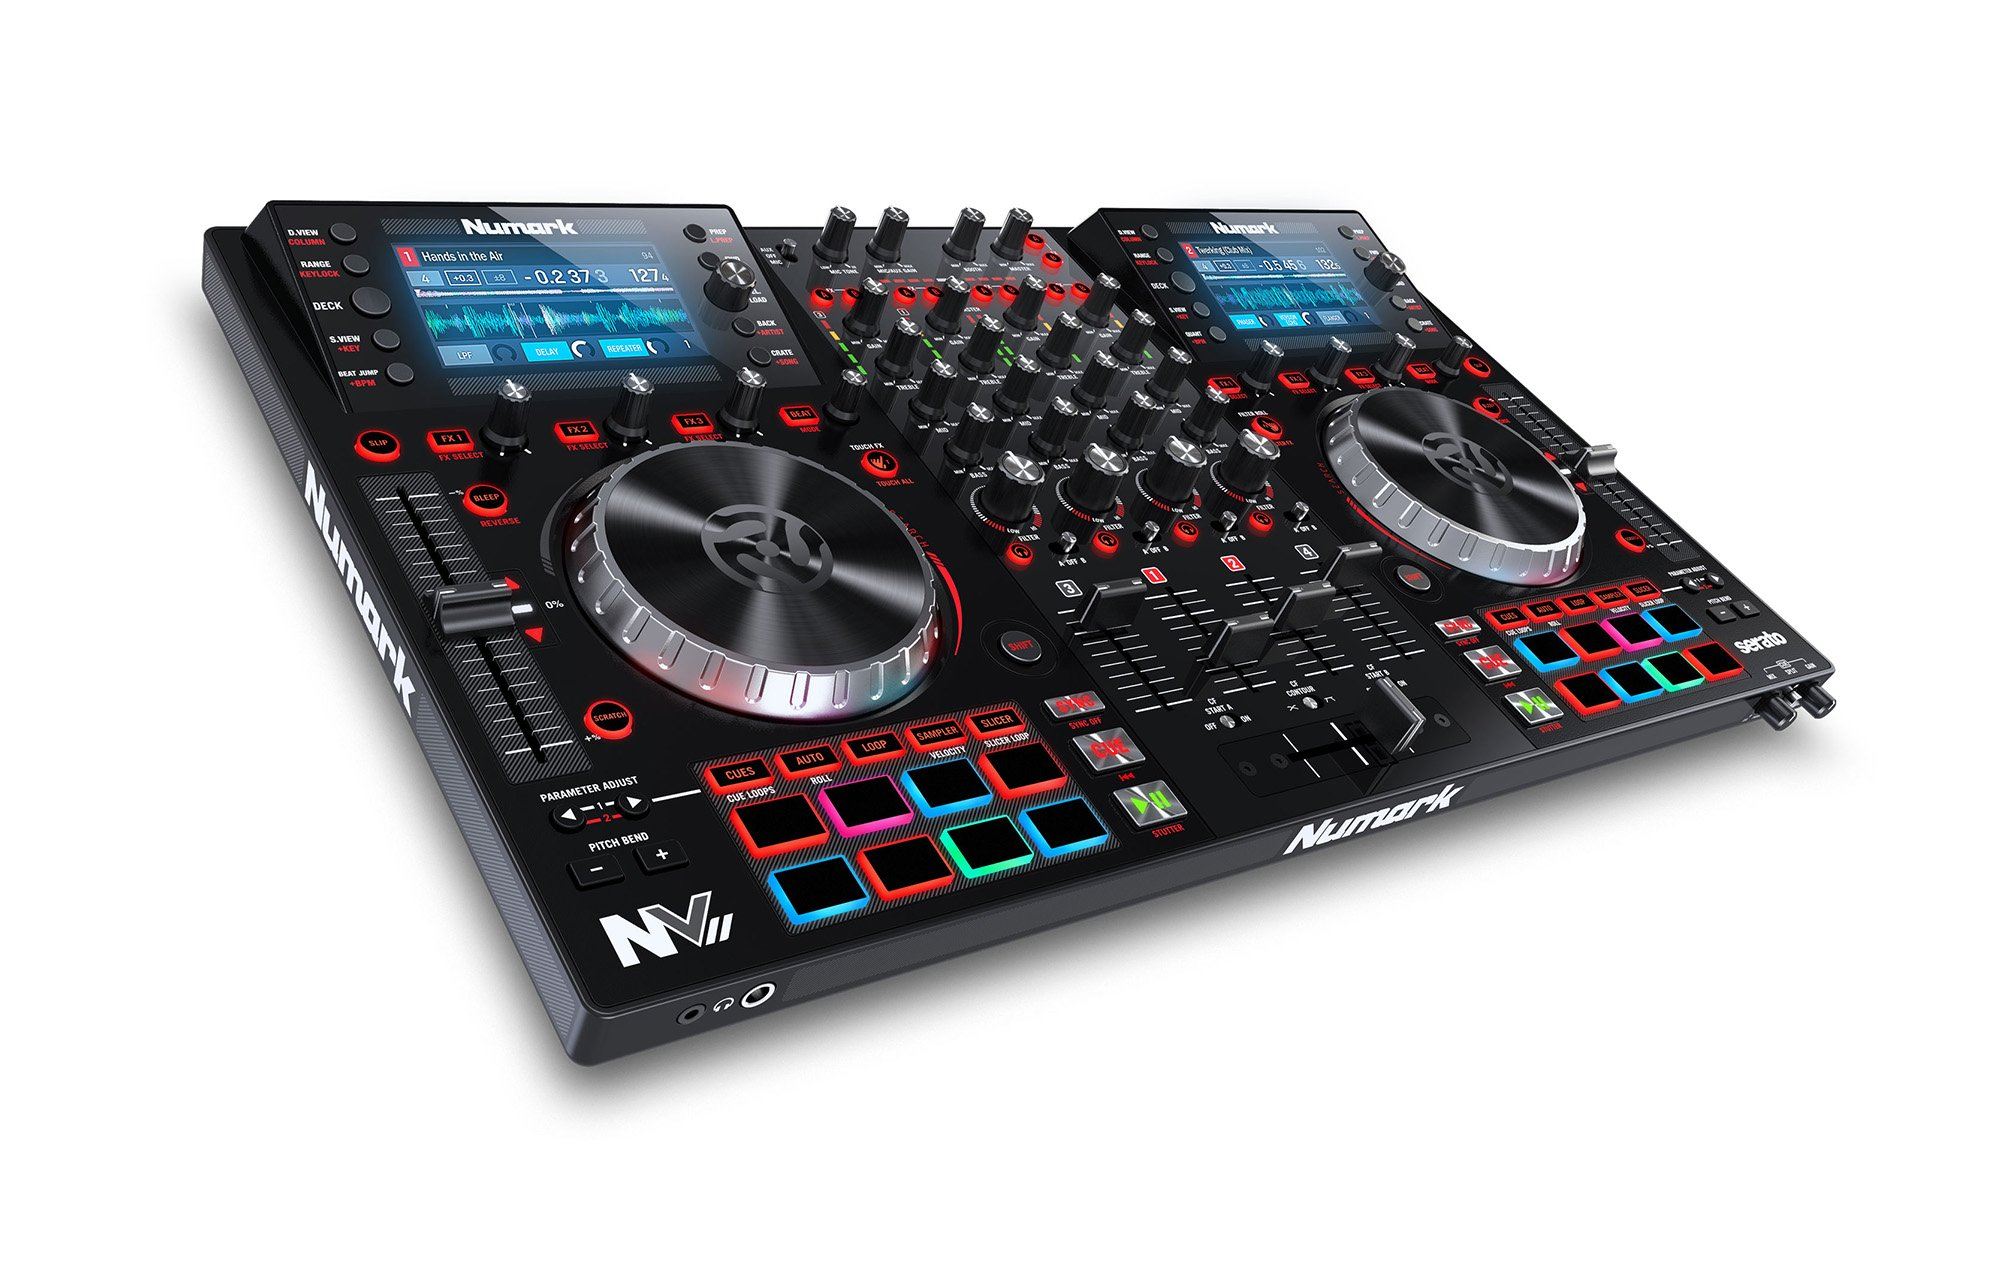 4ch DJ Controller for Serato